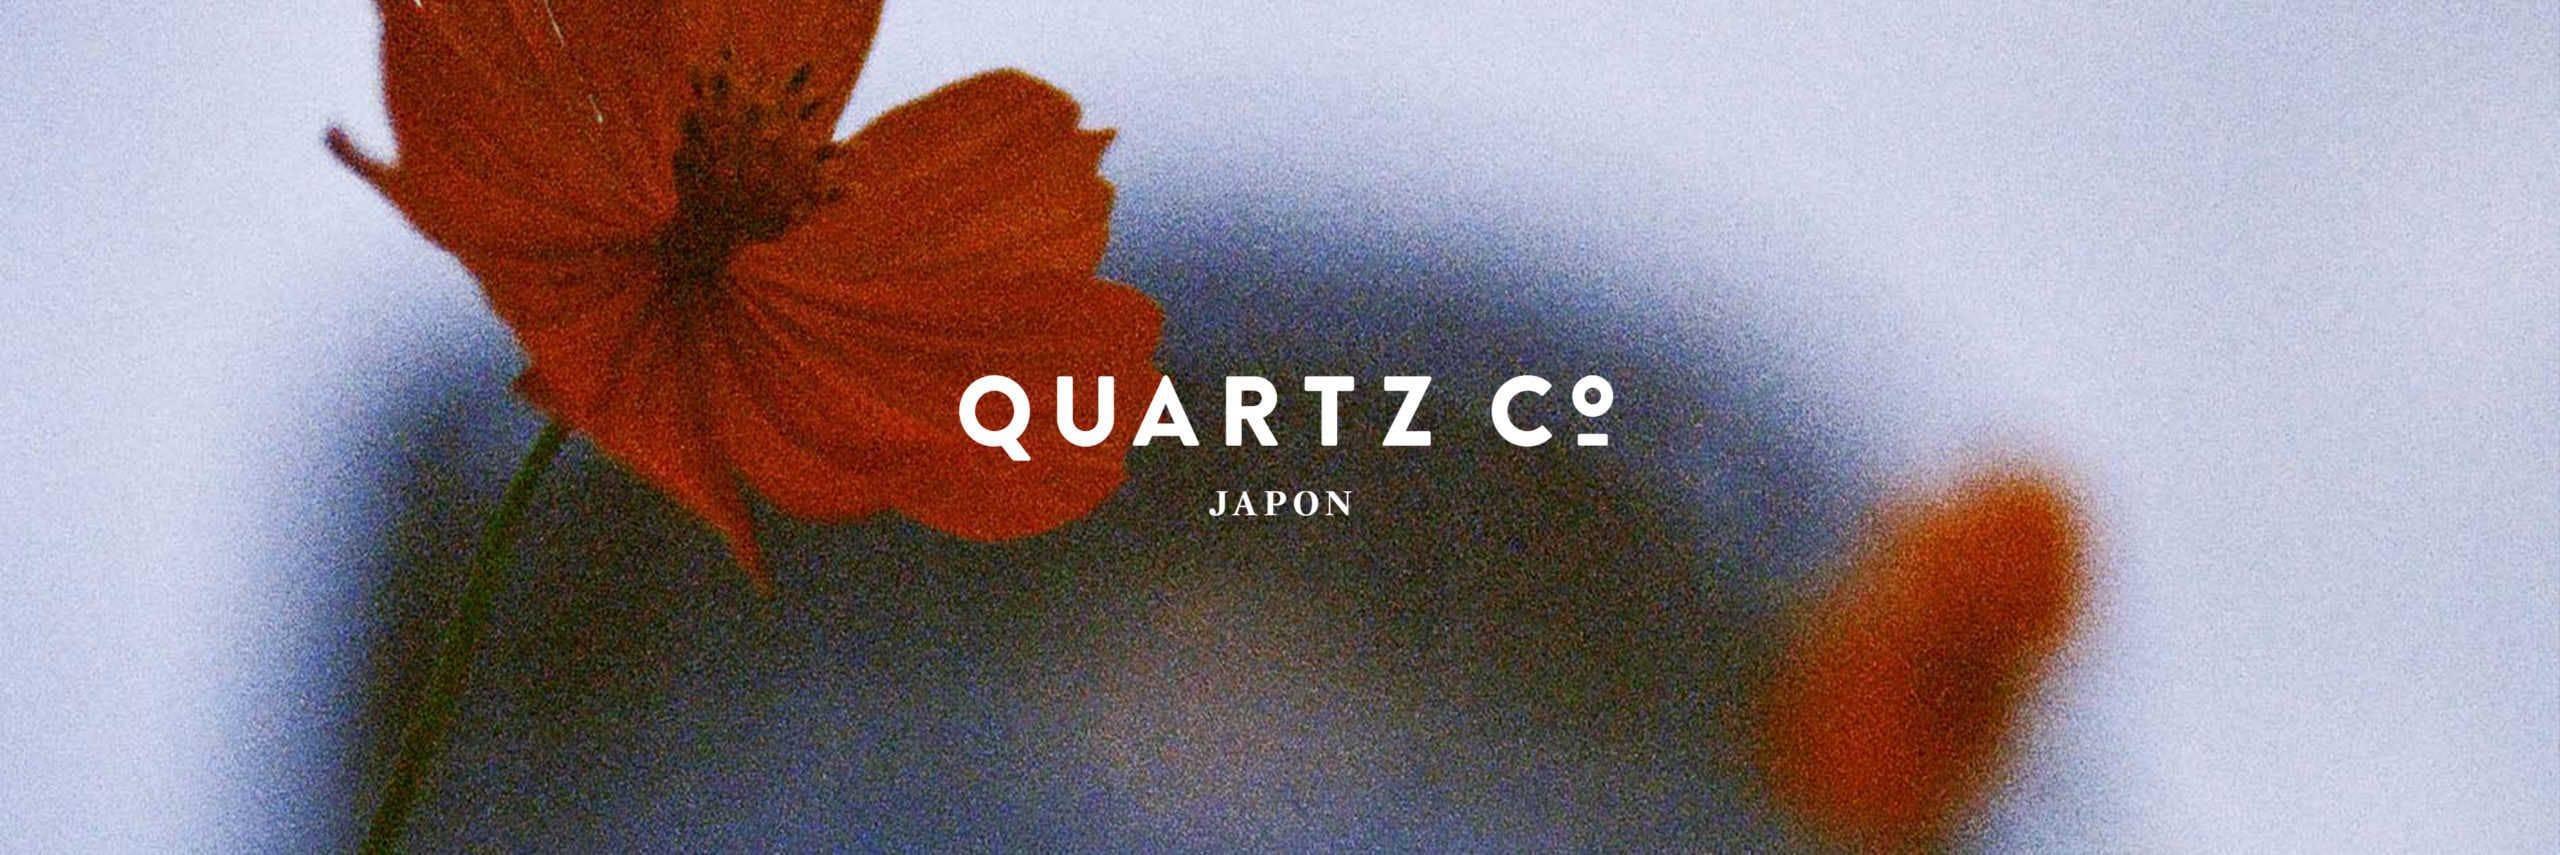 JS X Quartz Co.: inspiré du Japon, influencé par le climat canadien.